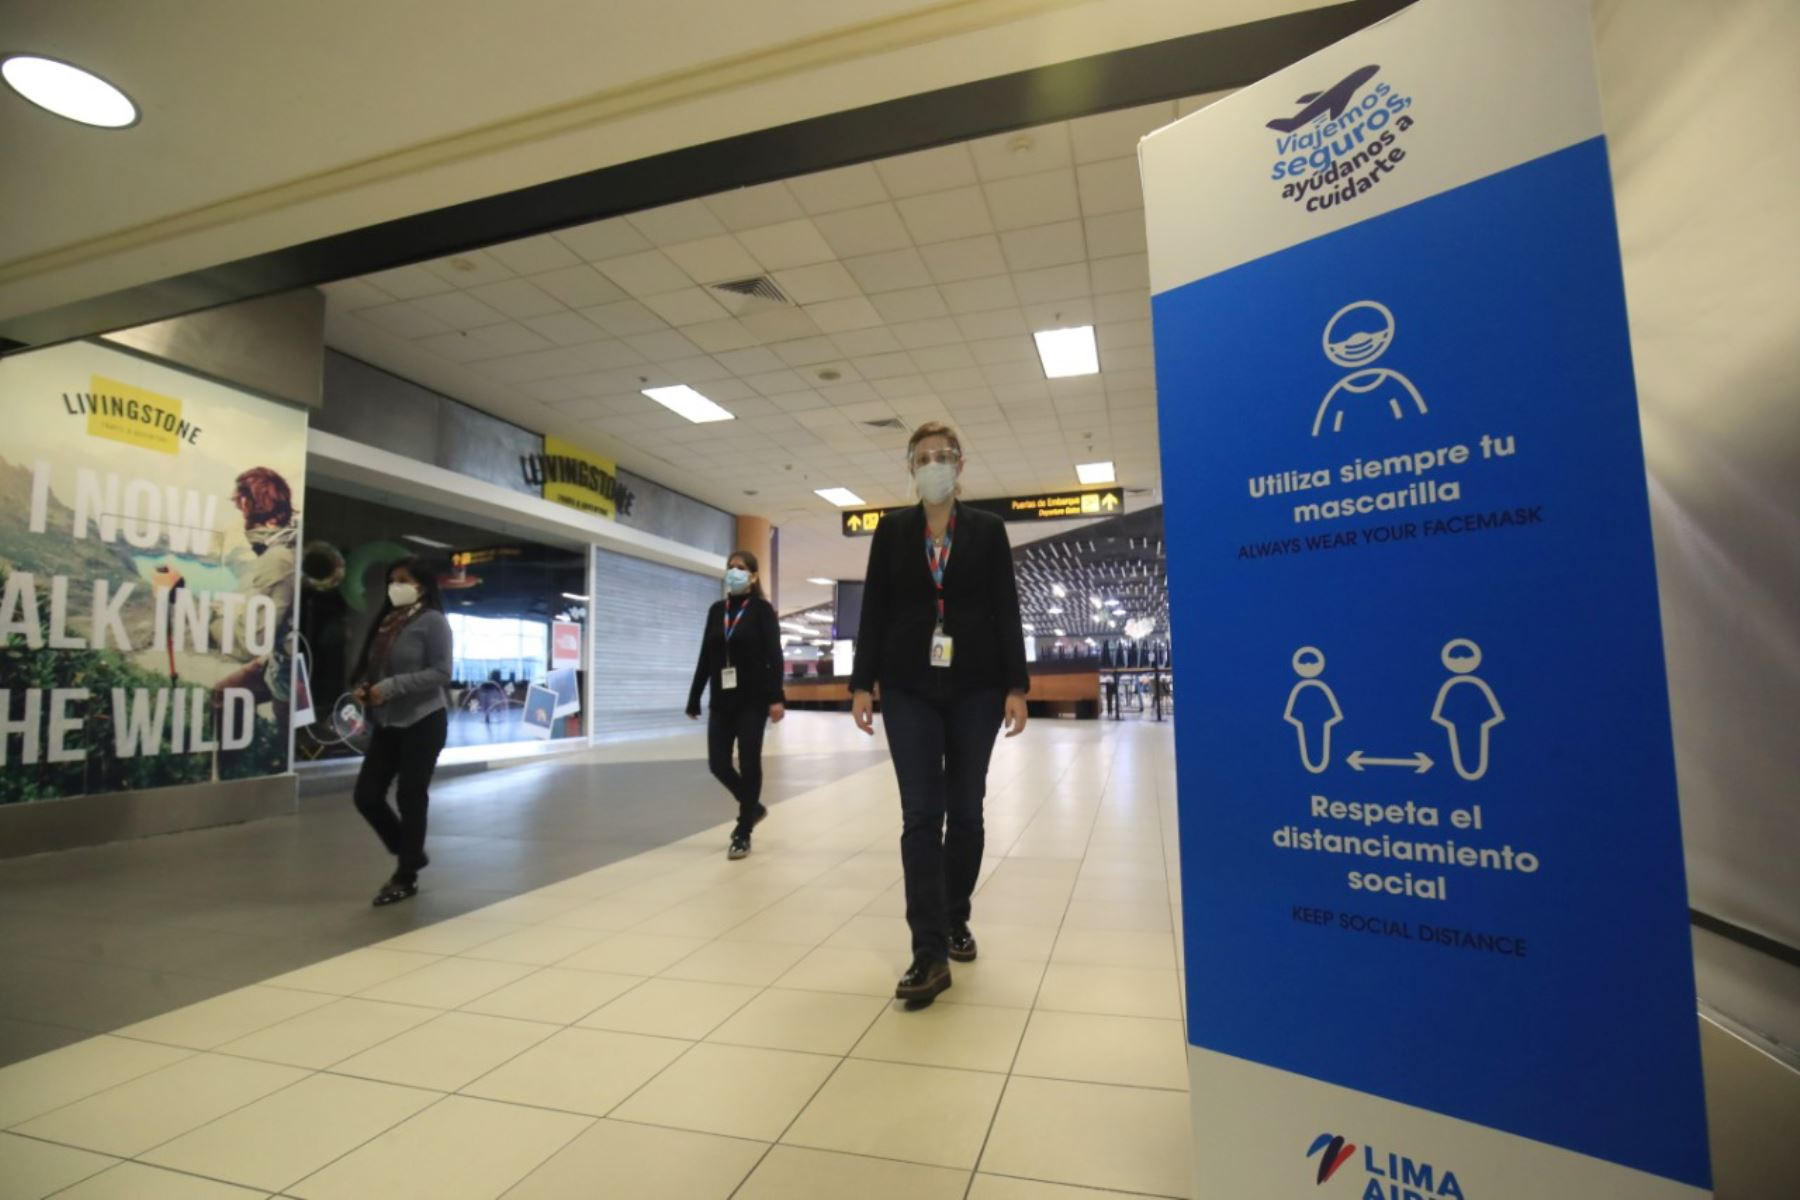 Pamela Morena, gerenta de operaciones de Lima Airport Partners (LAP) presentó el protocolo de sanidad que se implementará en el reinicio de los vuelos nacionales.  Foto: ANDINA/ Juan Carlos Guzmán